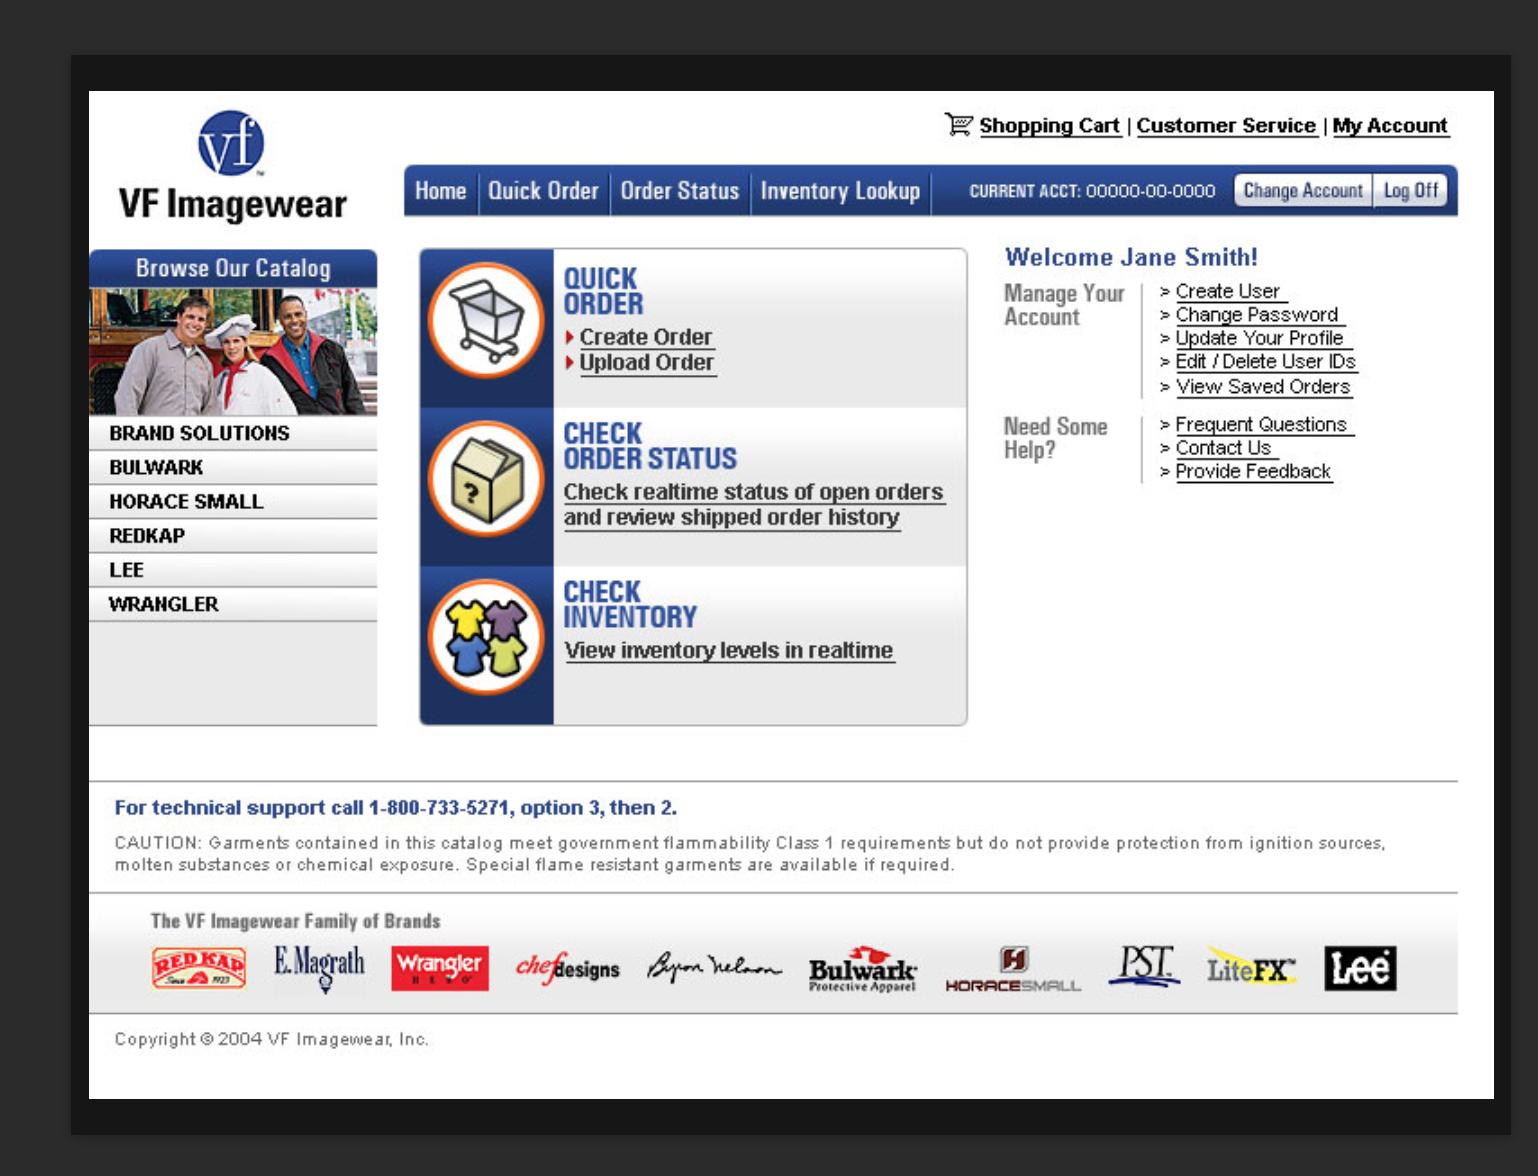 Screenshot of VF Imagewear ecommerce home screen